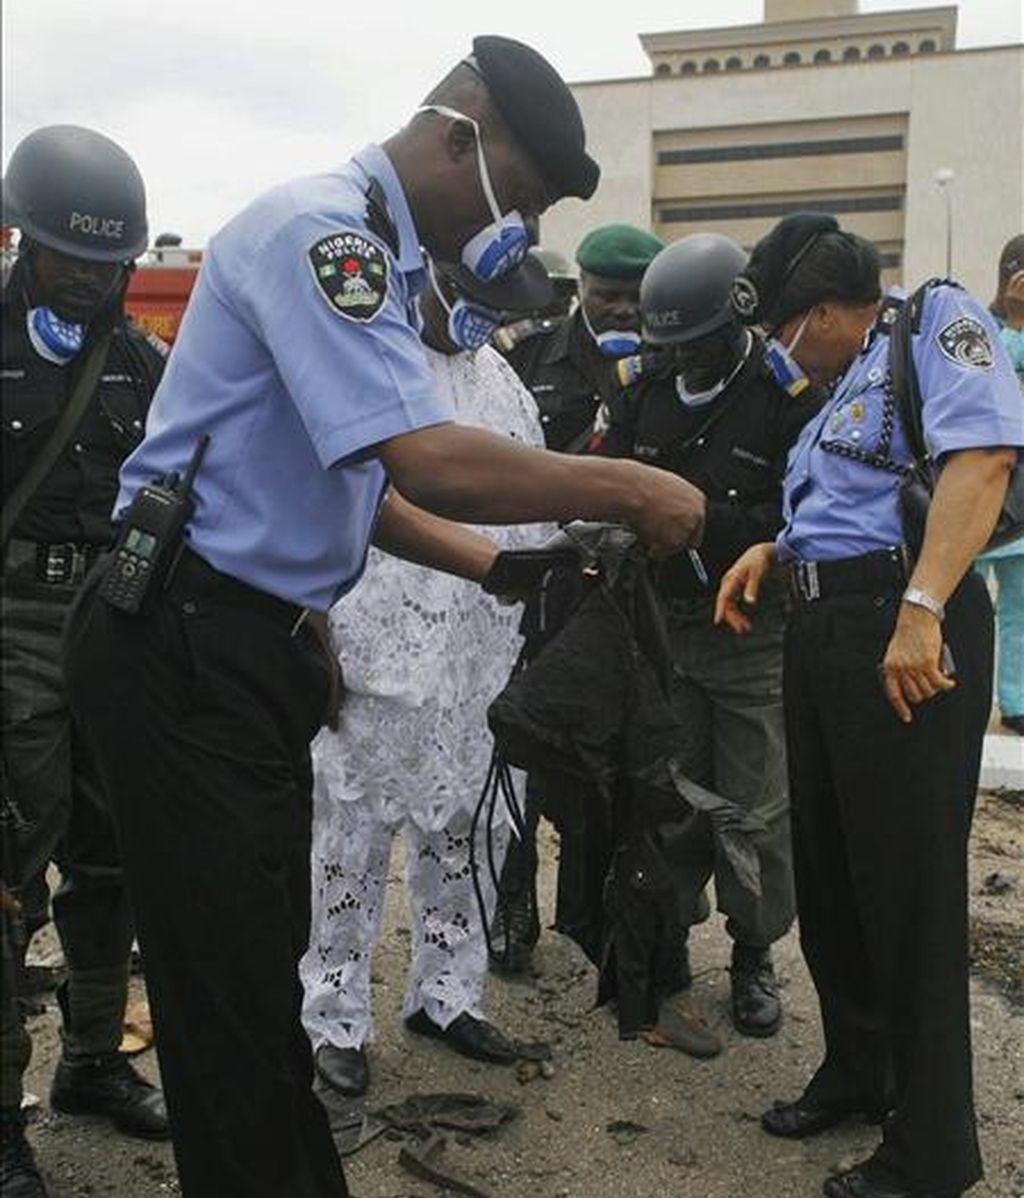 Oficiales de la policía nigeriana observan el uniforme de un compañero asesinado a consecuencia del atentado del Movimiento para la Emancipación del Delta del Níger (MEND), el principal grupo guerrillero de Nigeria, durante los actos oficiales del cincuentenario de la independencia del país. EFE